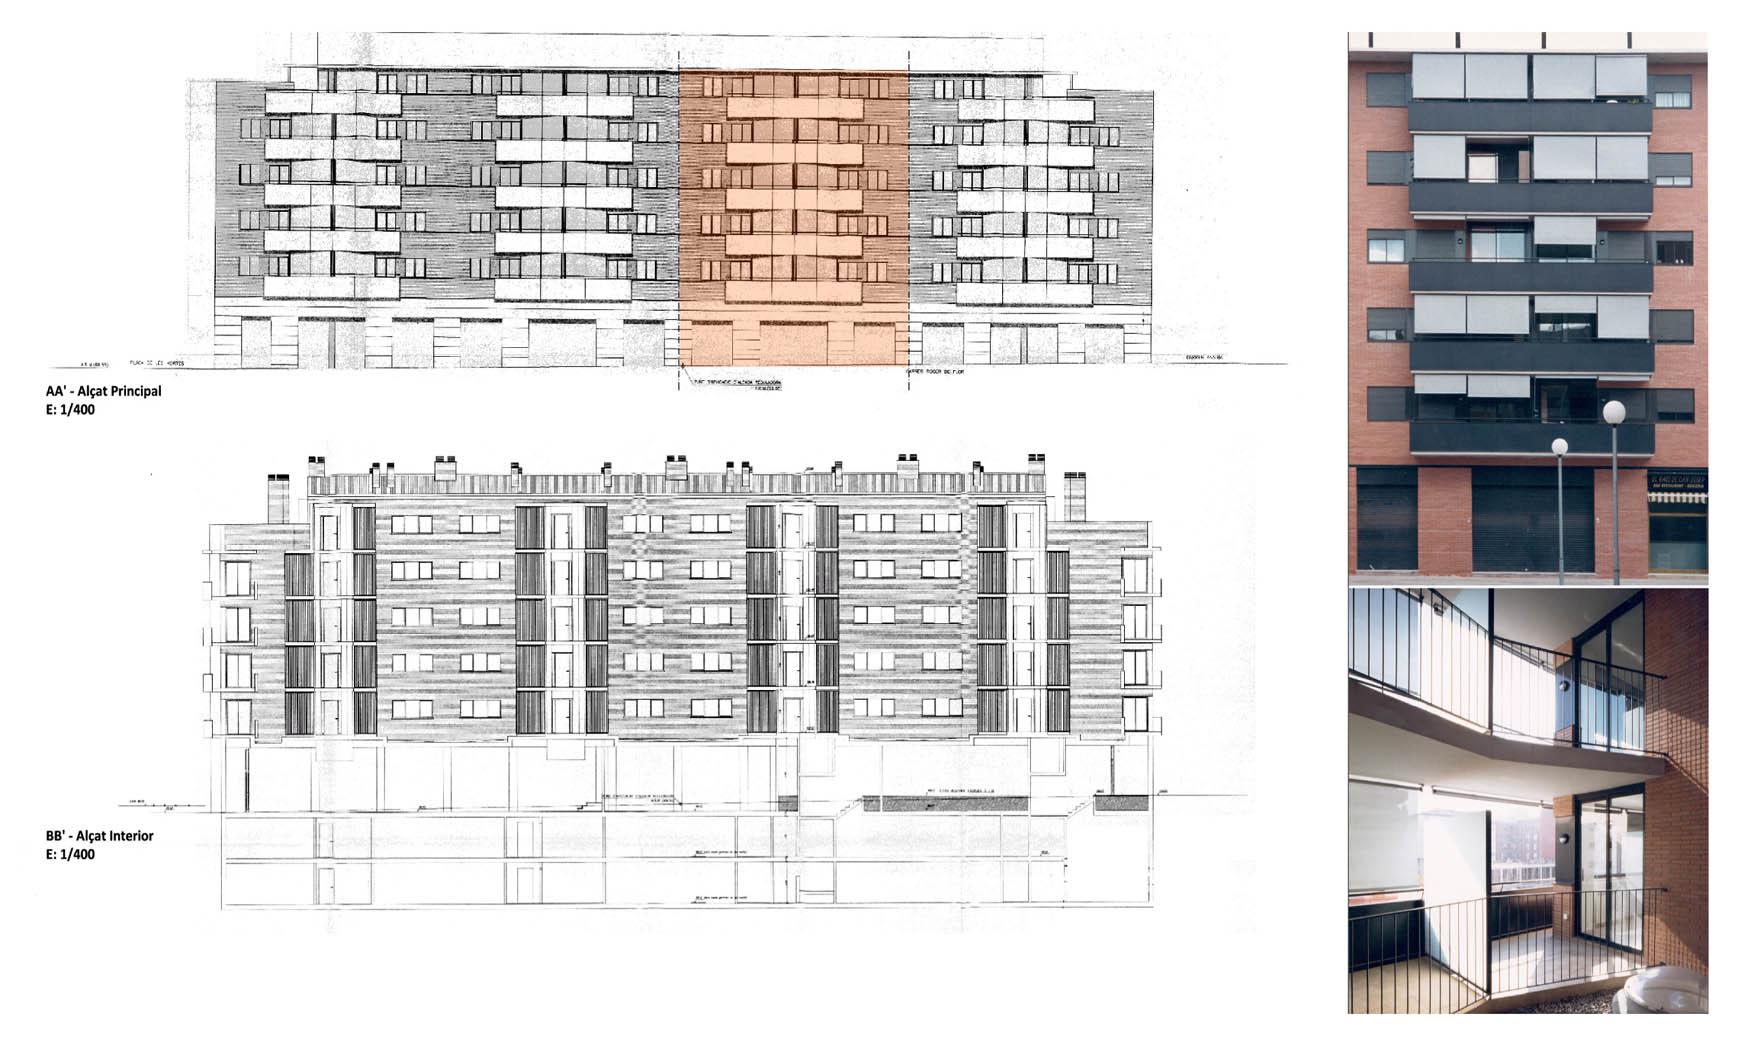 76 viviendas, comercios y aparcamiento subterráneo en Granollers (1997), en colaboración con EGC 2/2